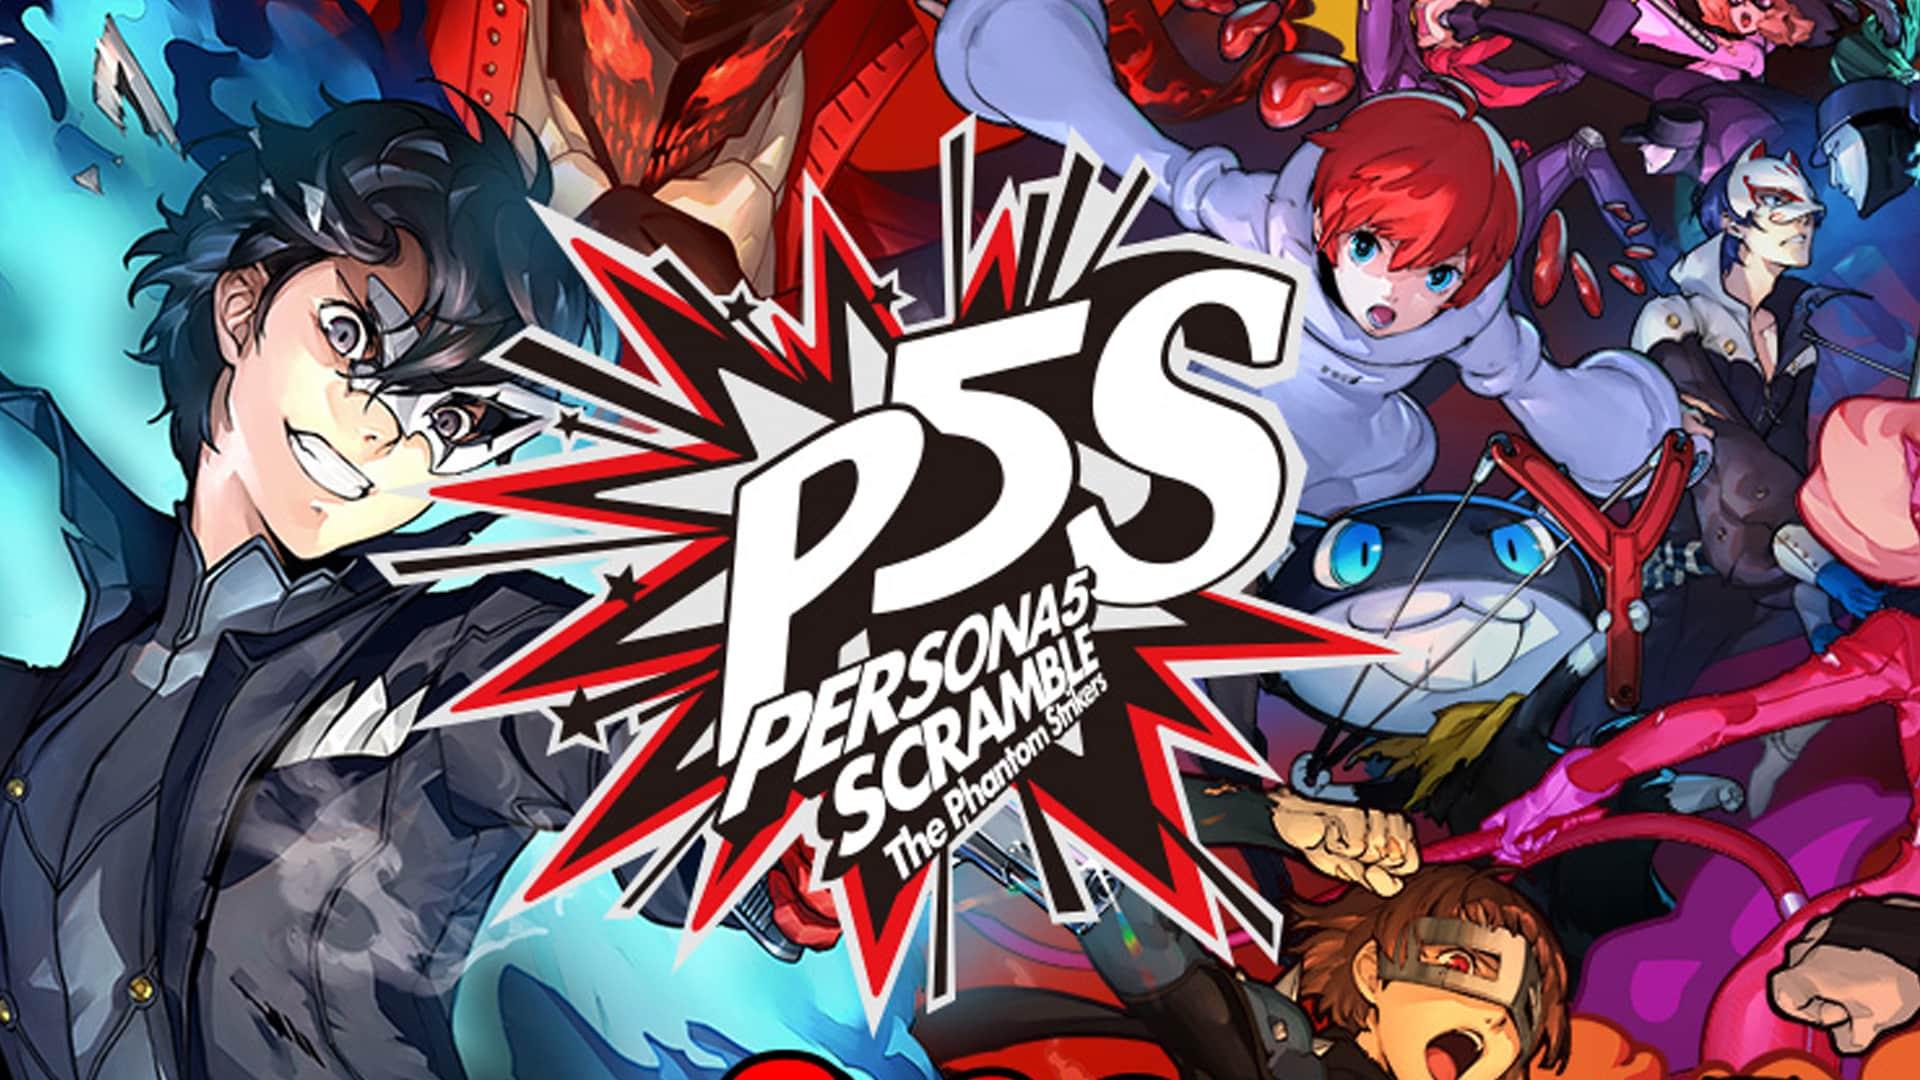 ورژن غربی سازی شده ی بازی Persona 5 Strikers به زودی به نمایش در خواهد آمد